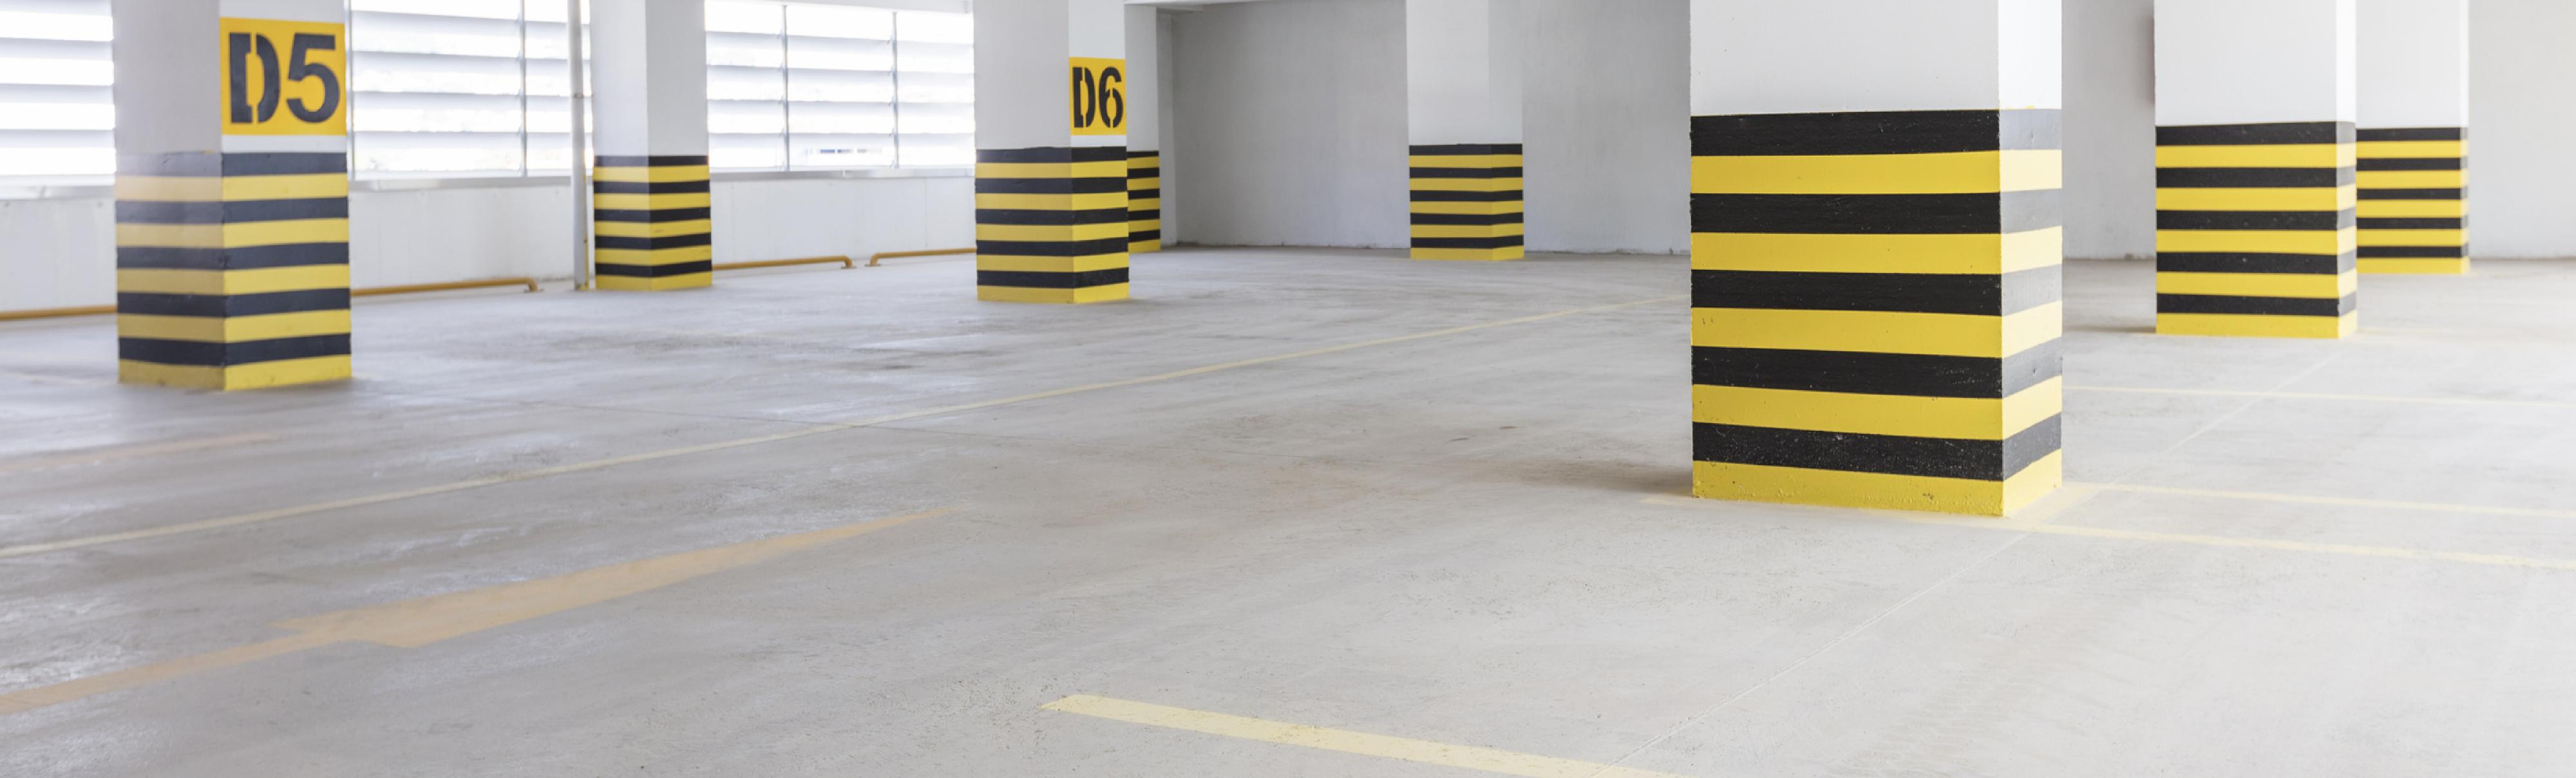 Balayage des parkings